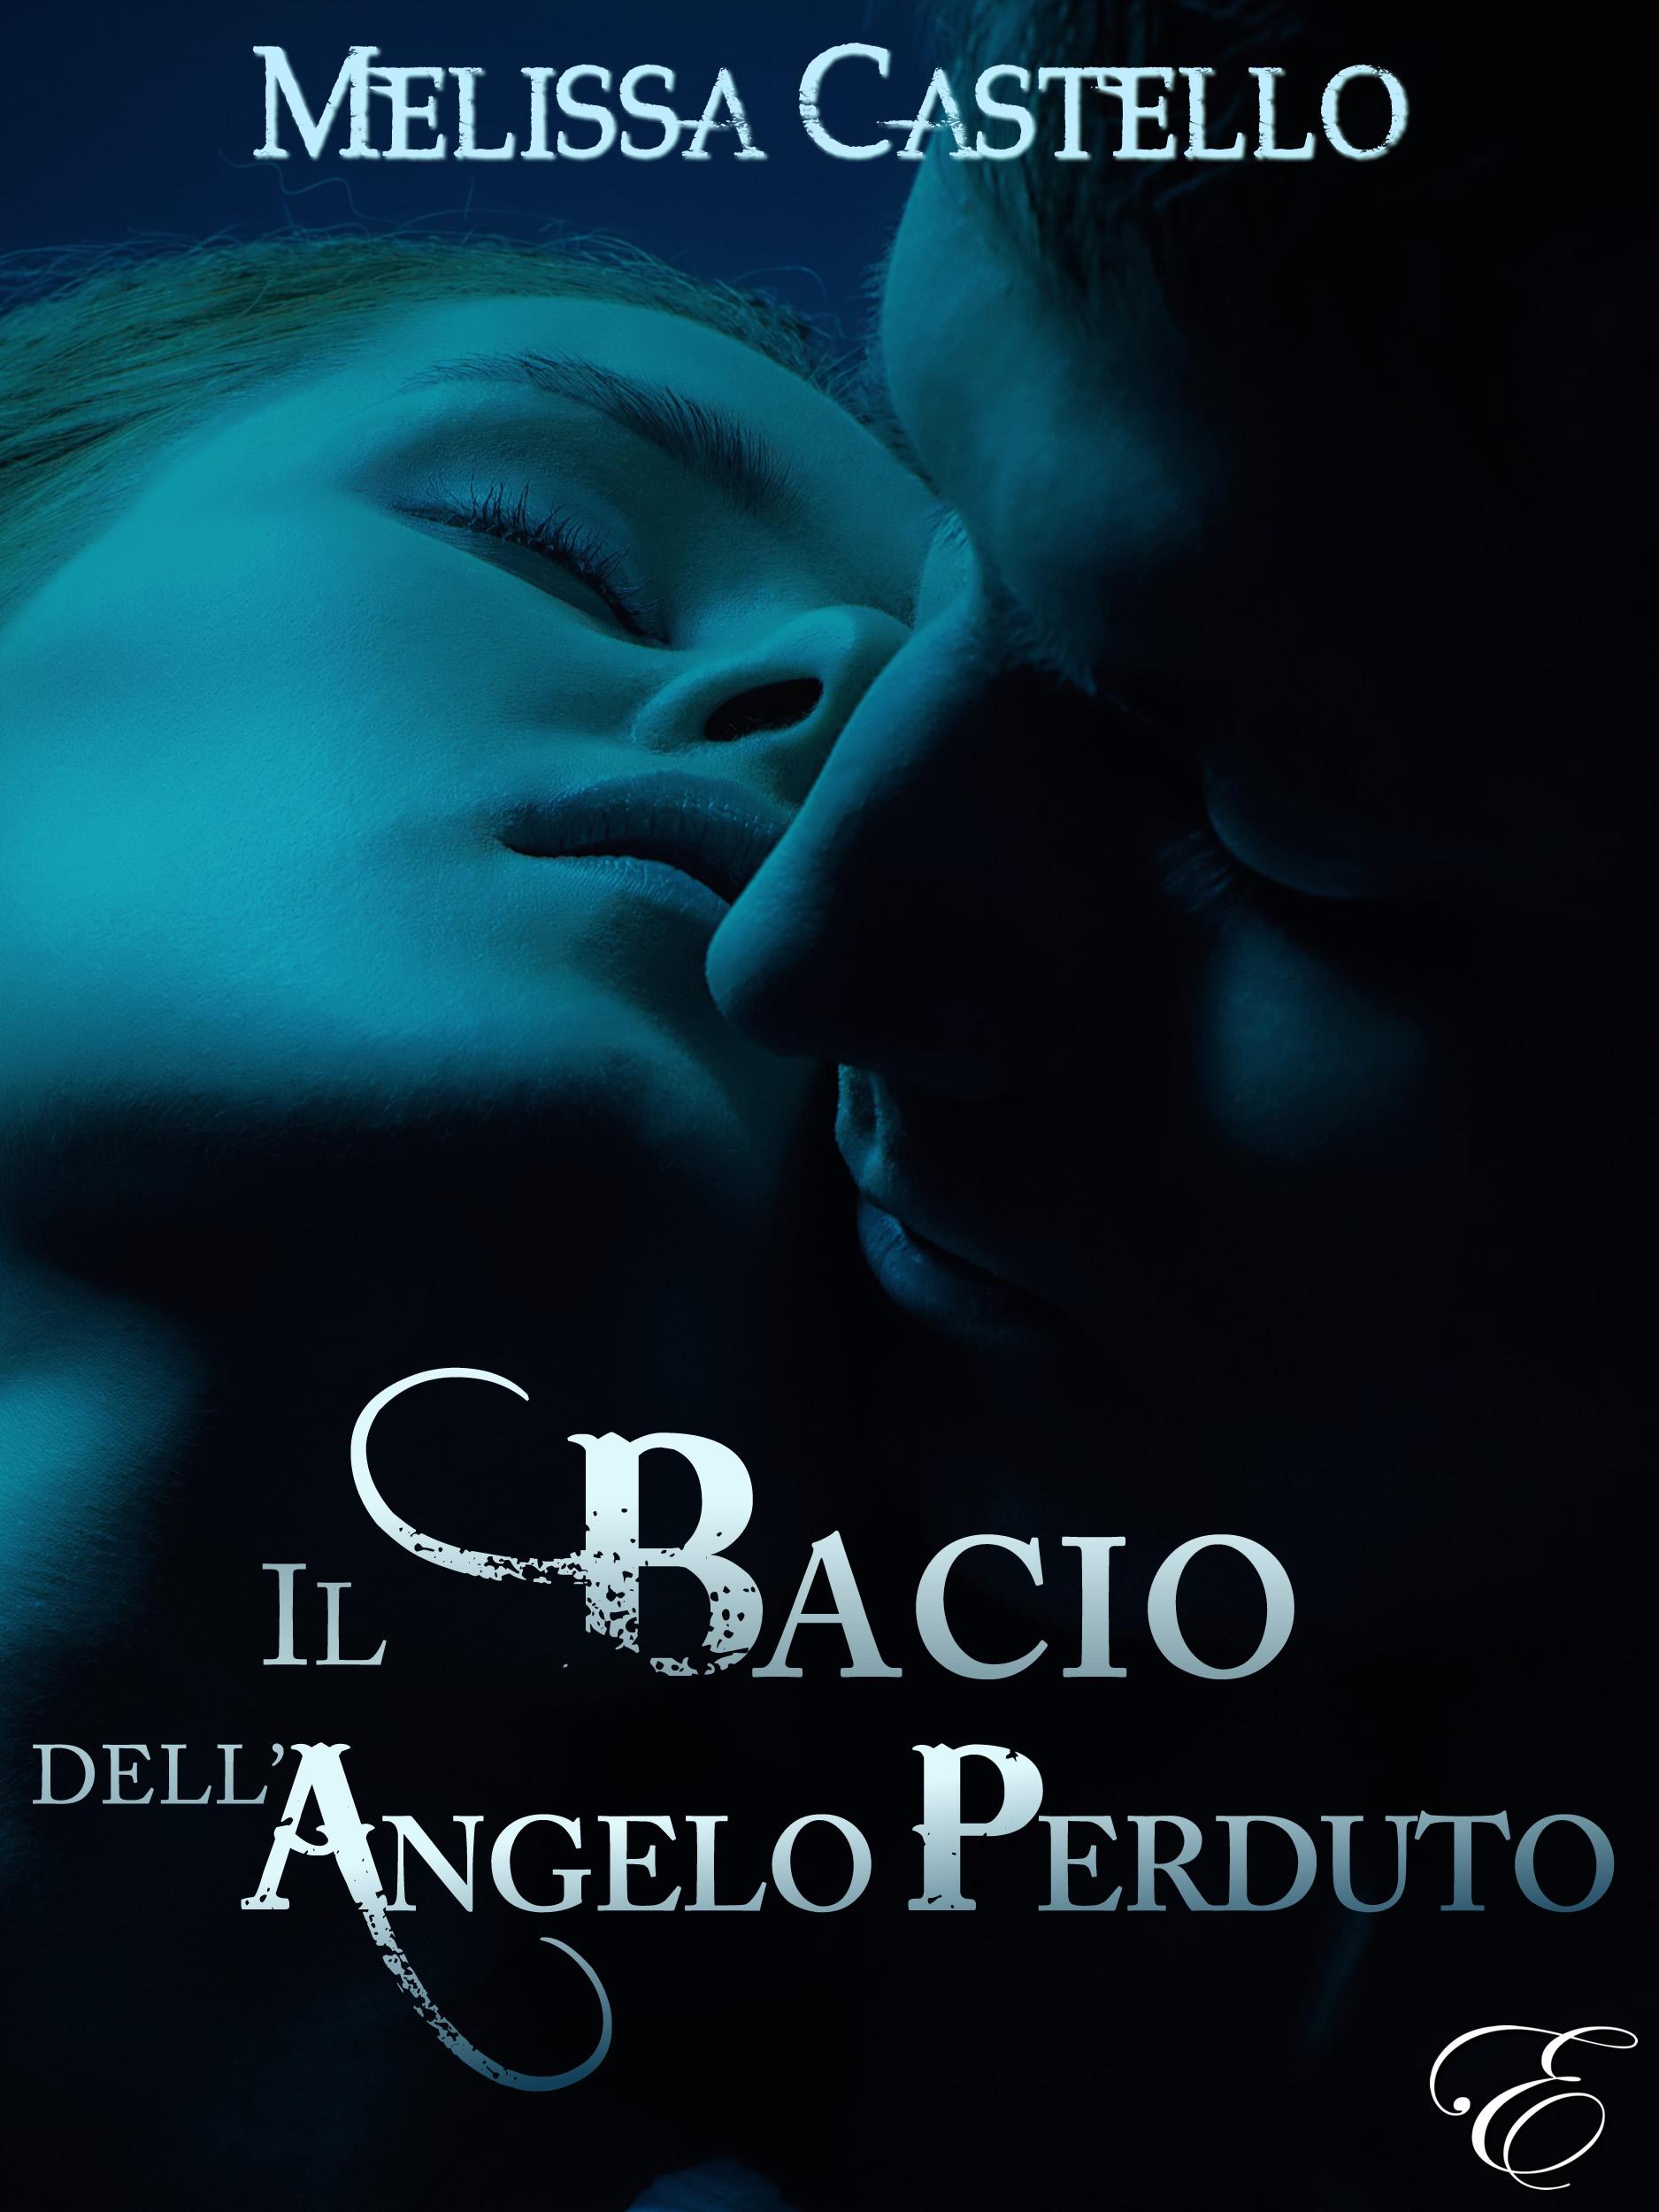 SPOTLIGHT - Il bacio dell'angelo perduto; Melissa Castello